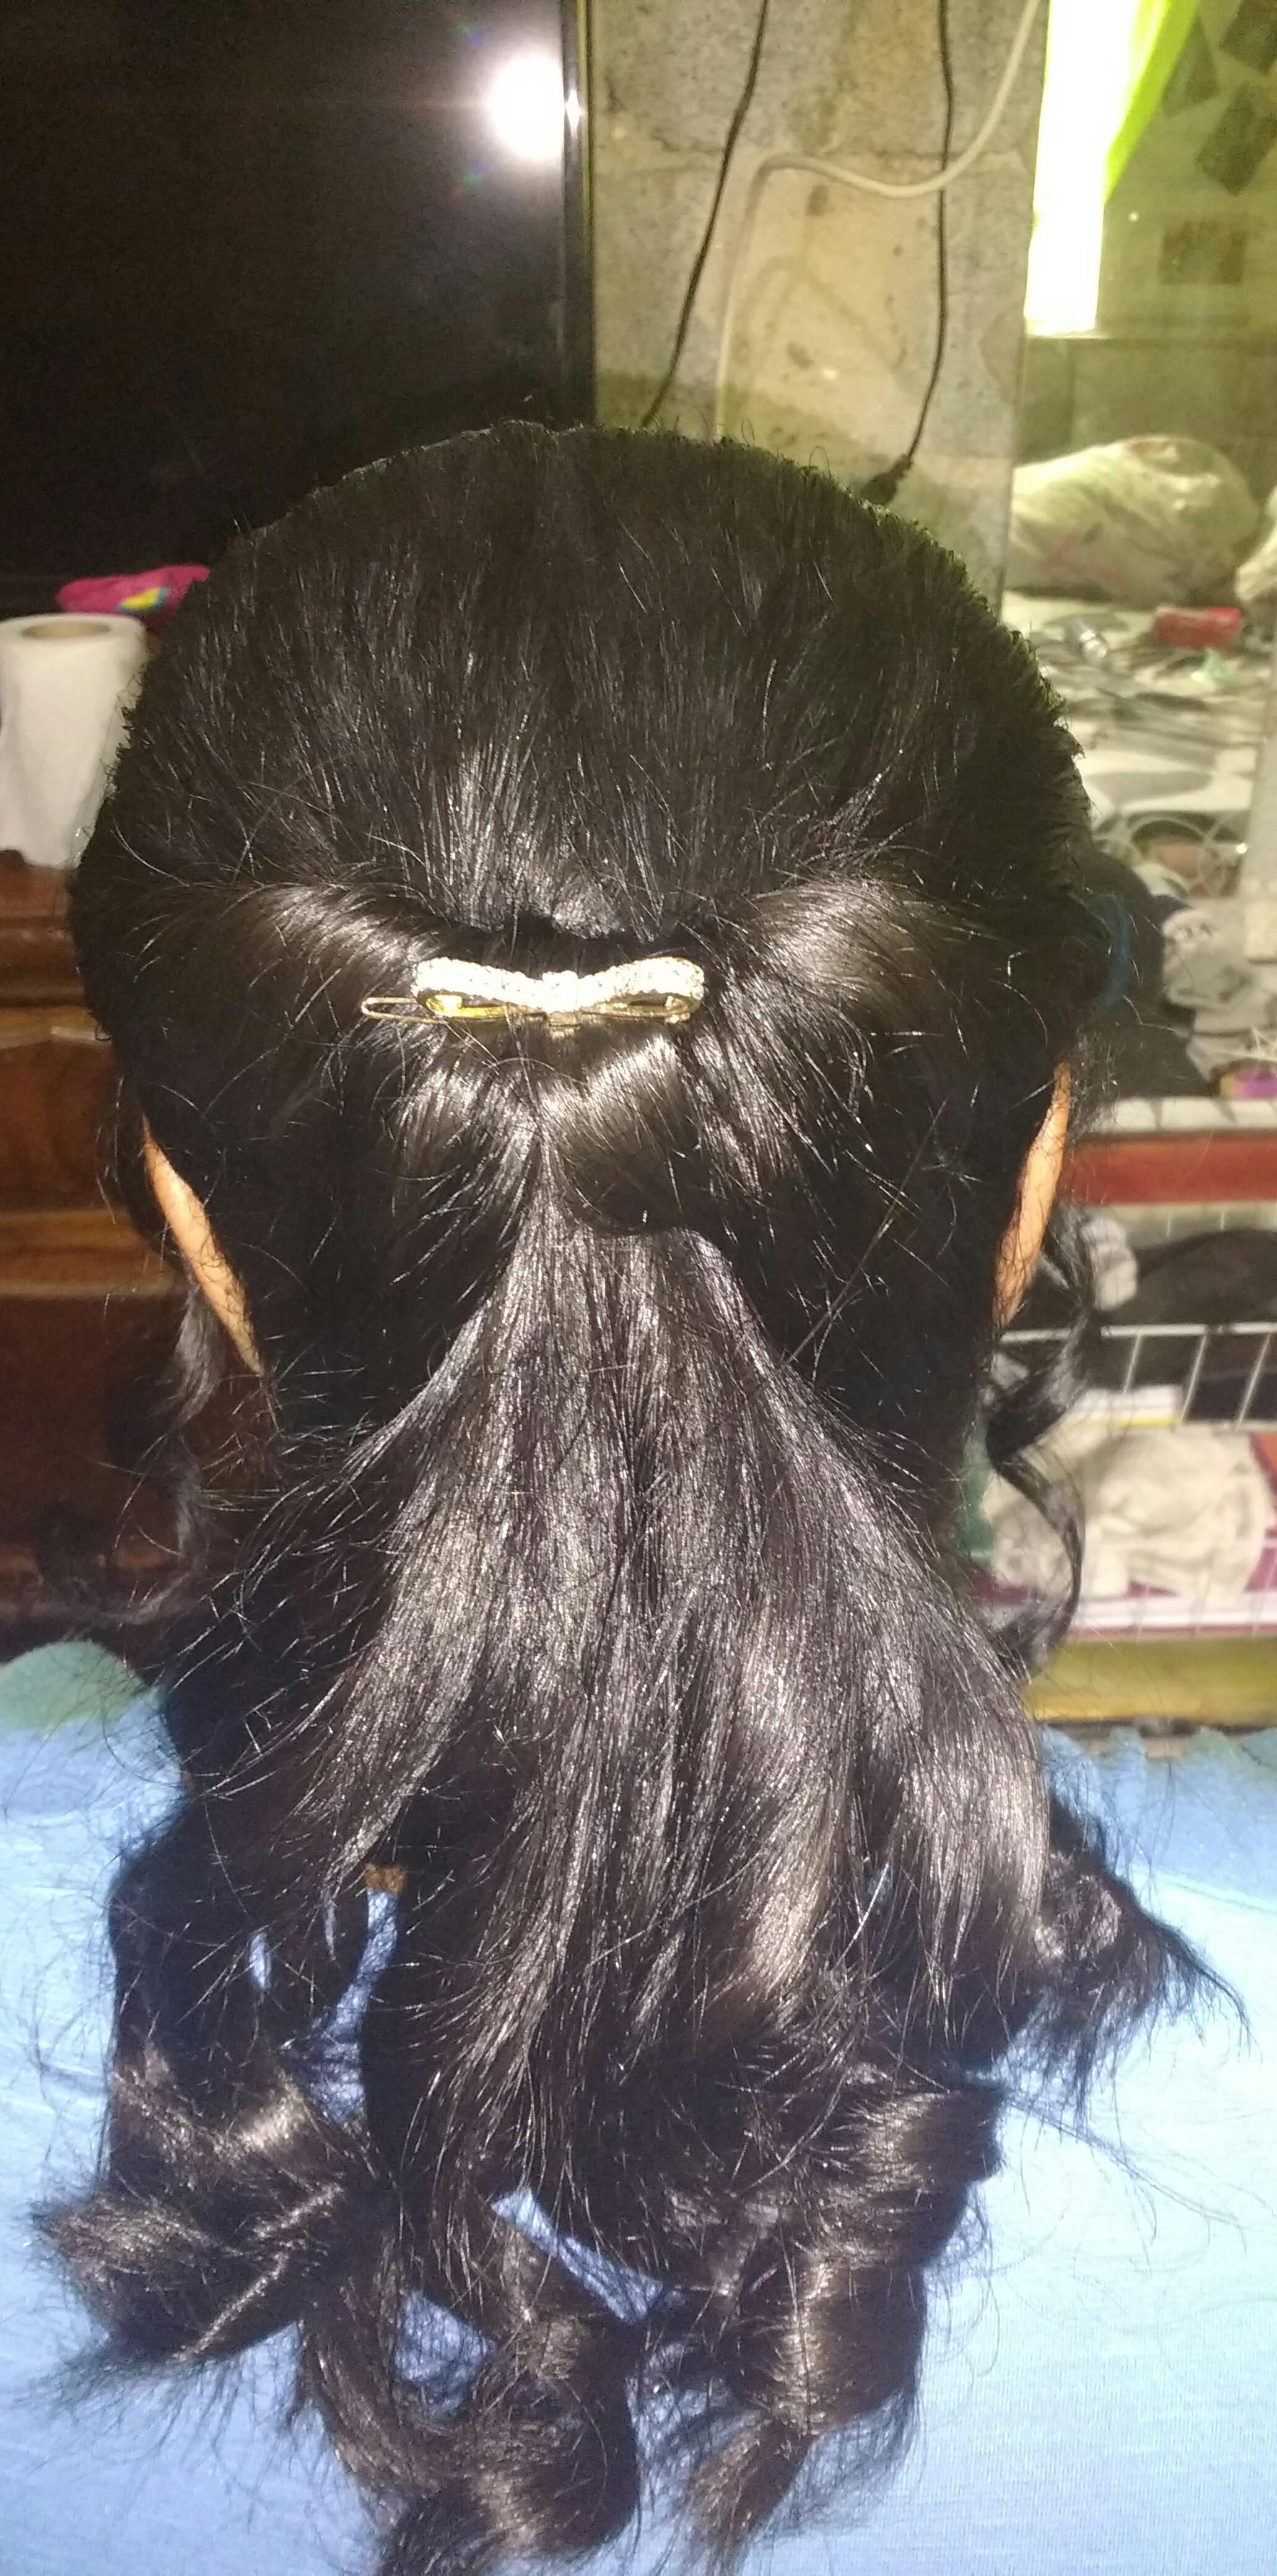 Penteado cabelo cabeleireiro(a) auxiliar cabeleireiro(a) outros